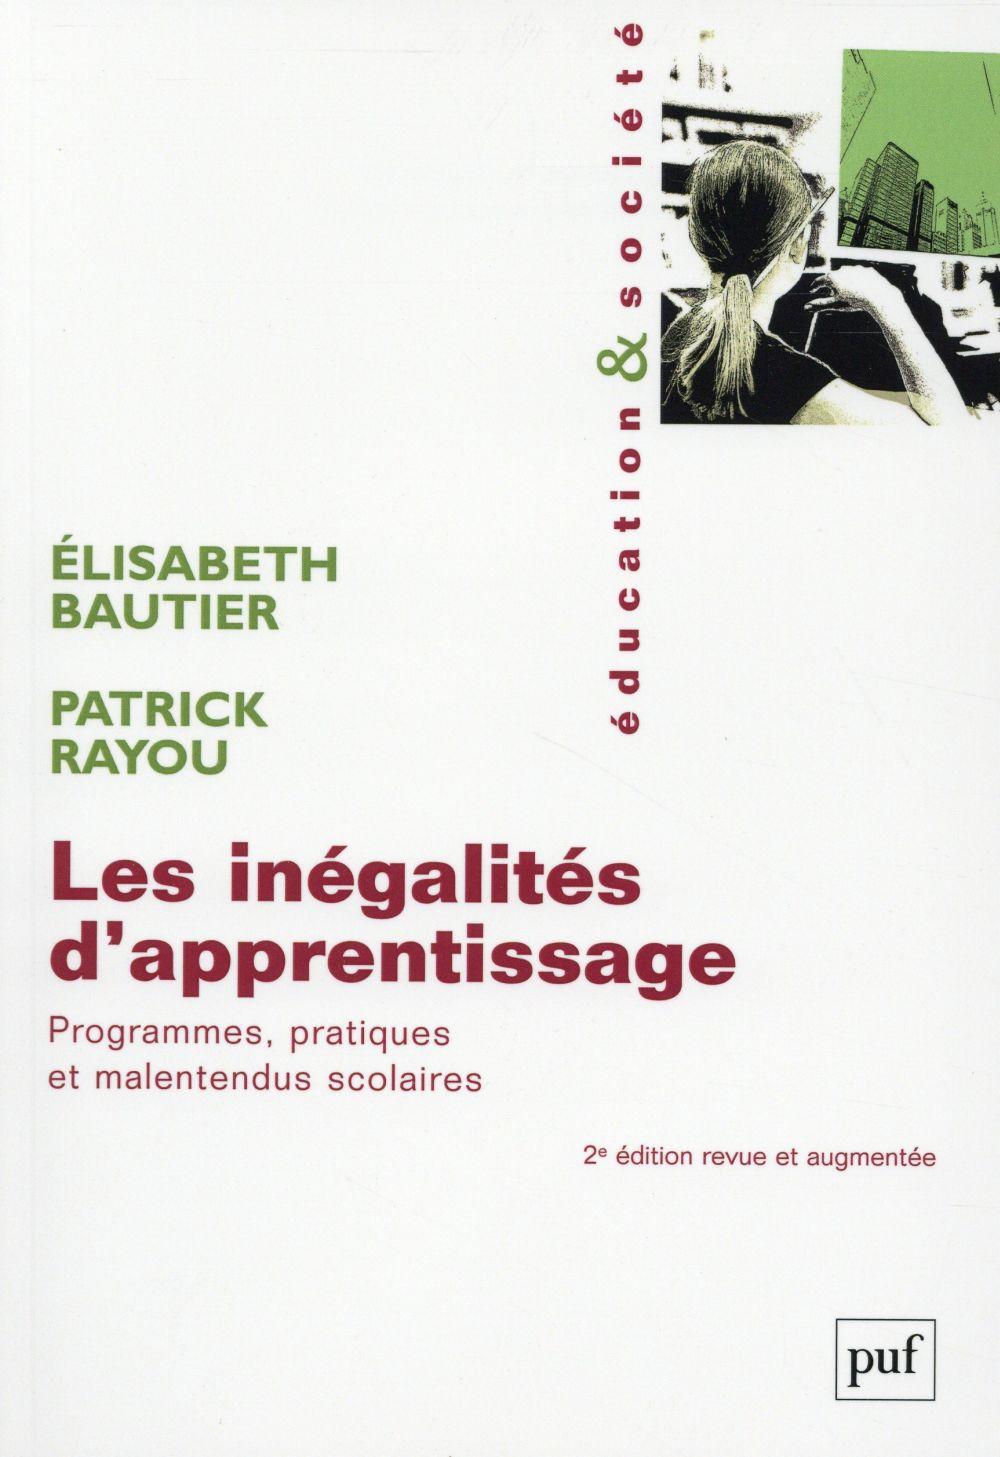 Les inégalites d'apprentissage ; programmes, pratiques et malentendus scolaires  (2e édition)